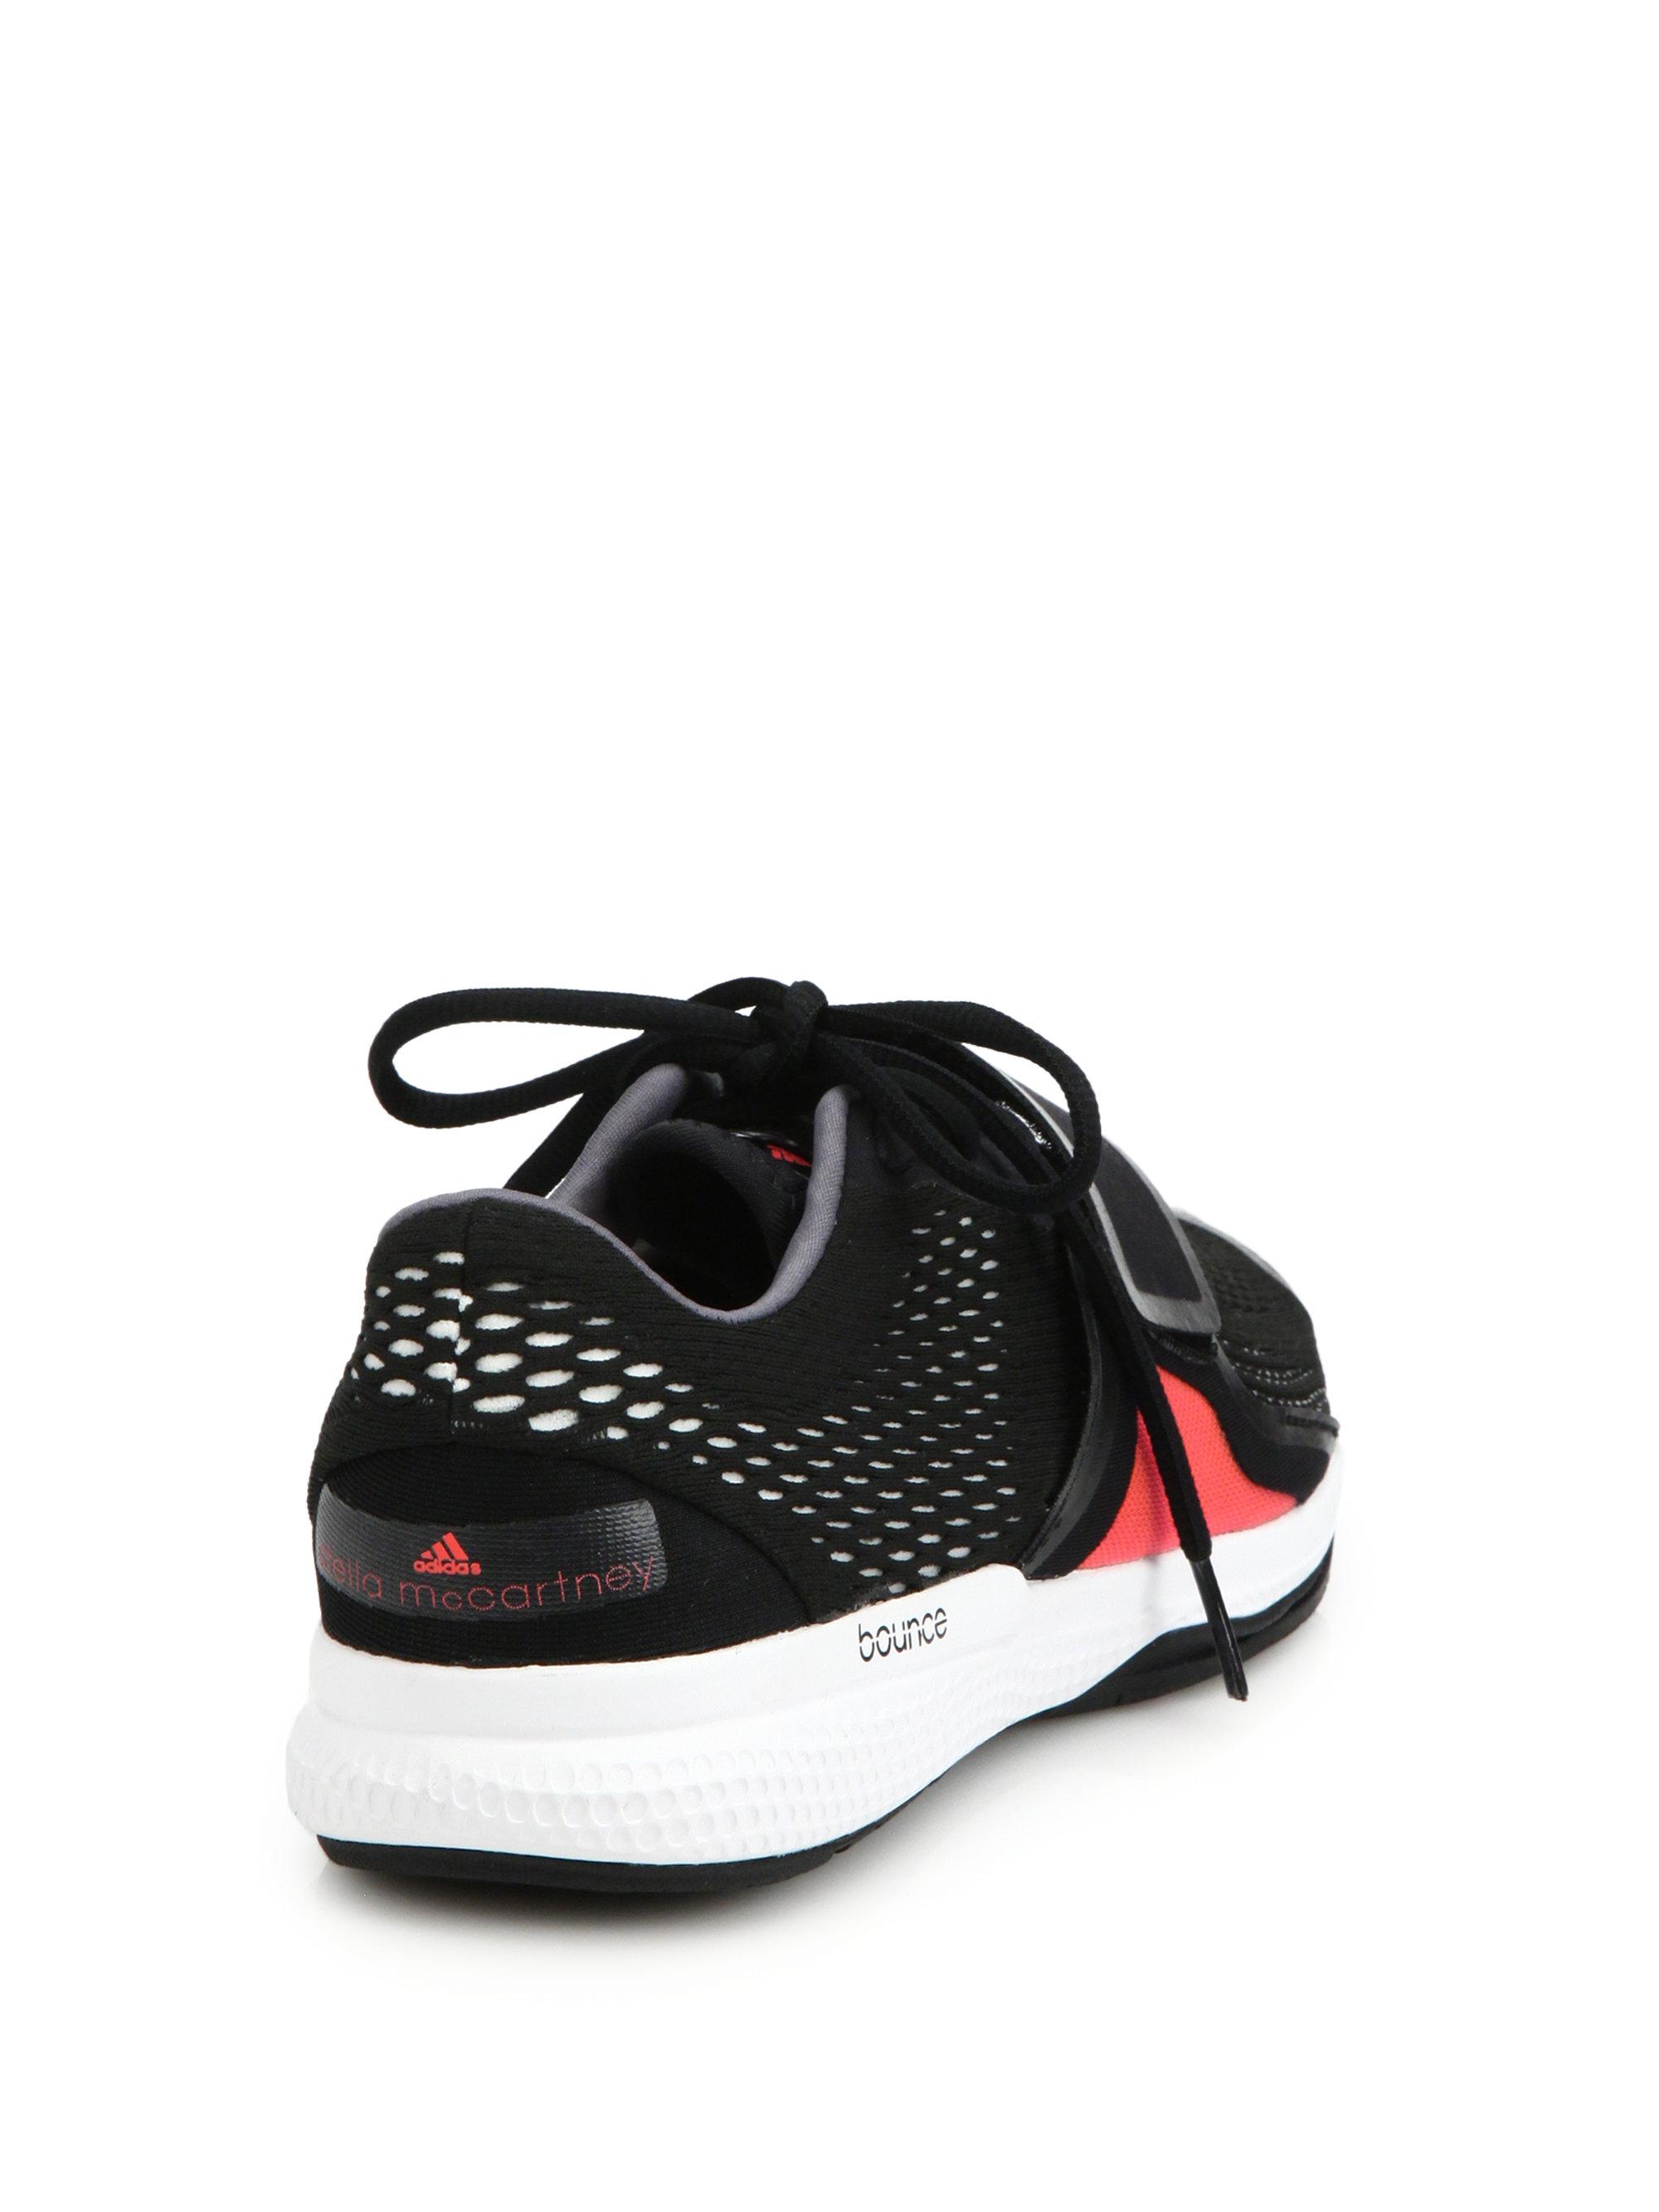 Stella McCartney for Adidas Bounce Neoprene Sneakers cheap sale best seller 0CaJoWkE